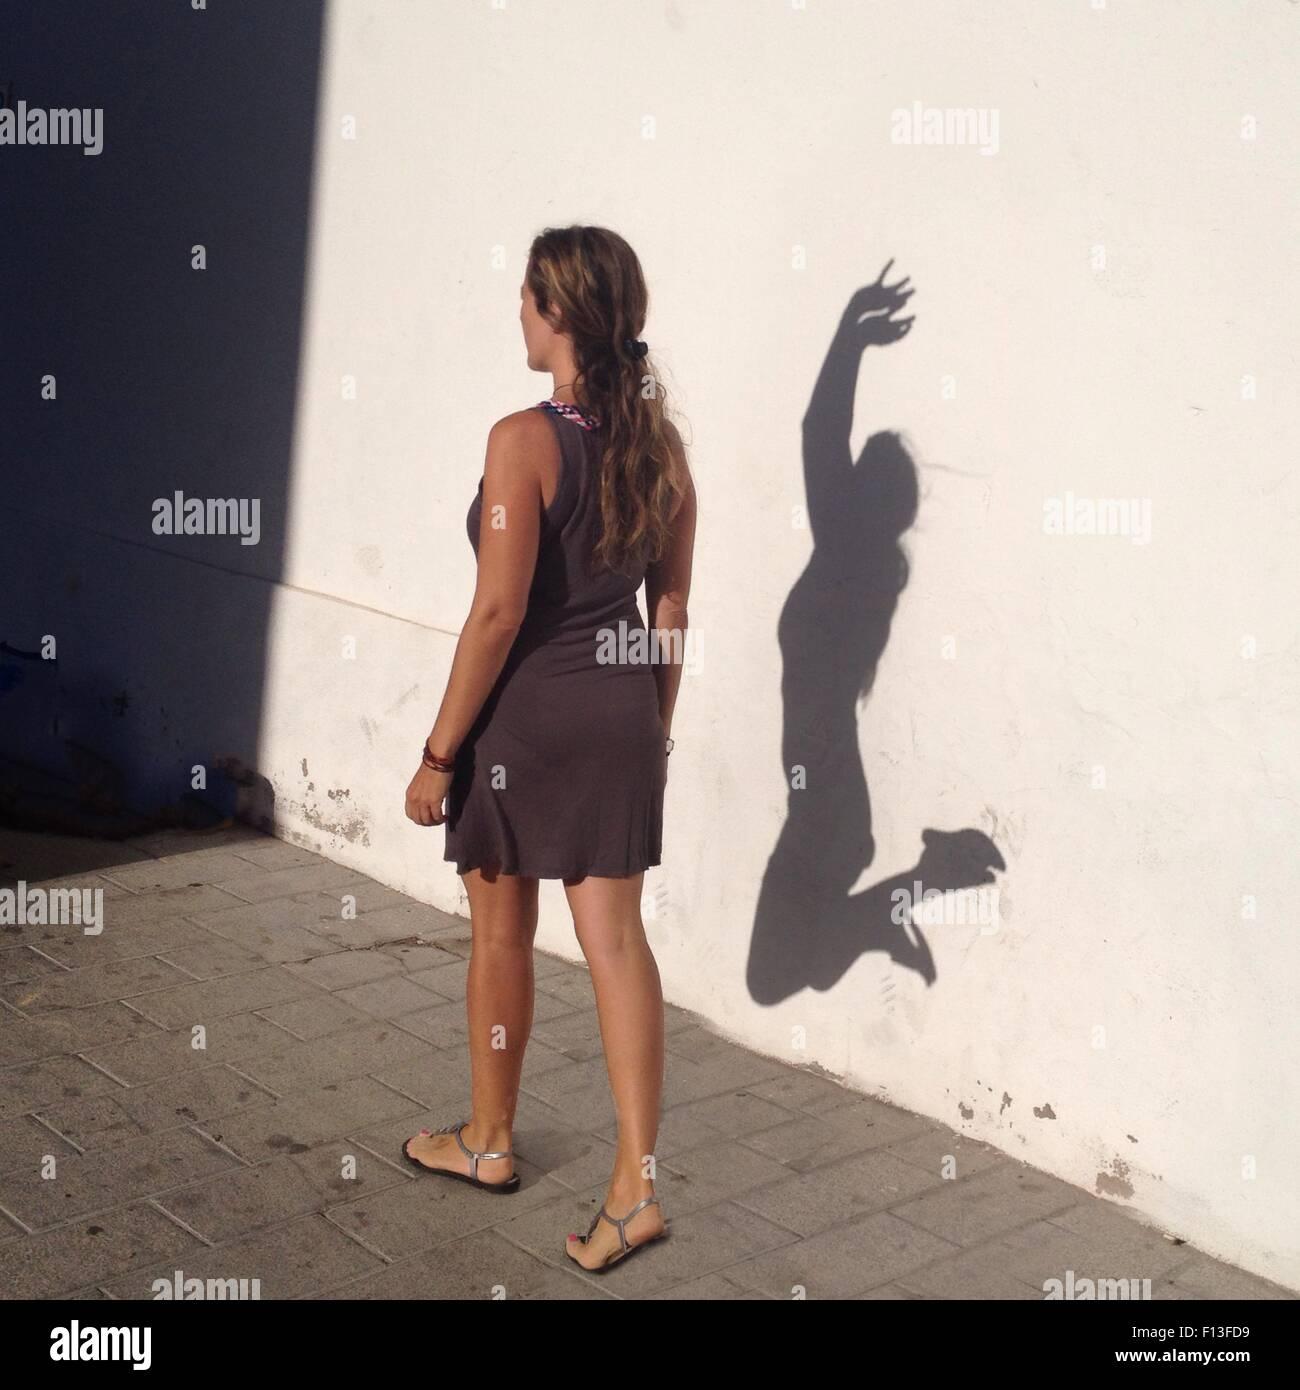 Frau zu Fuß mit einem Alter Ego Schatten springen vor Freude Stockbild